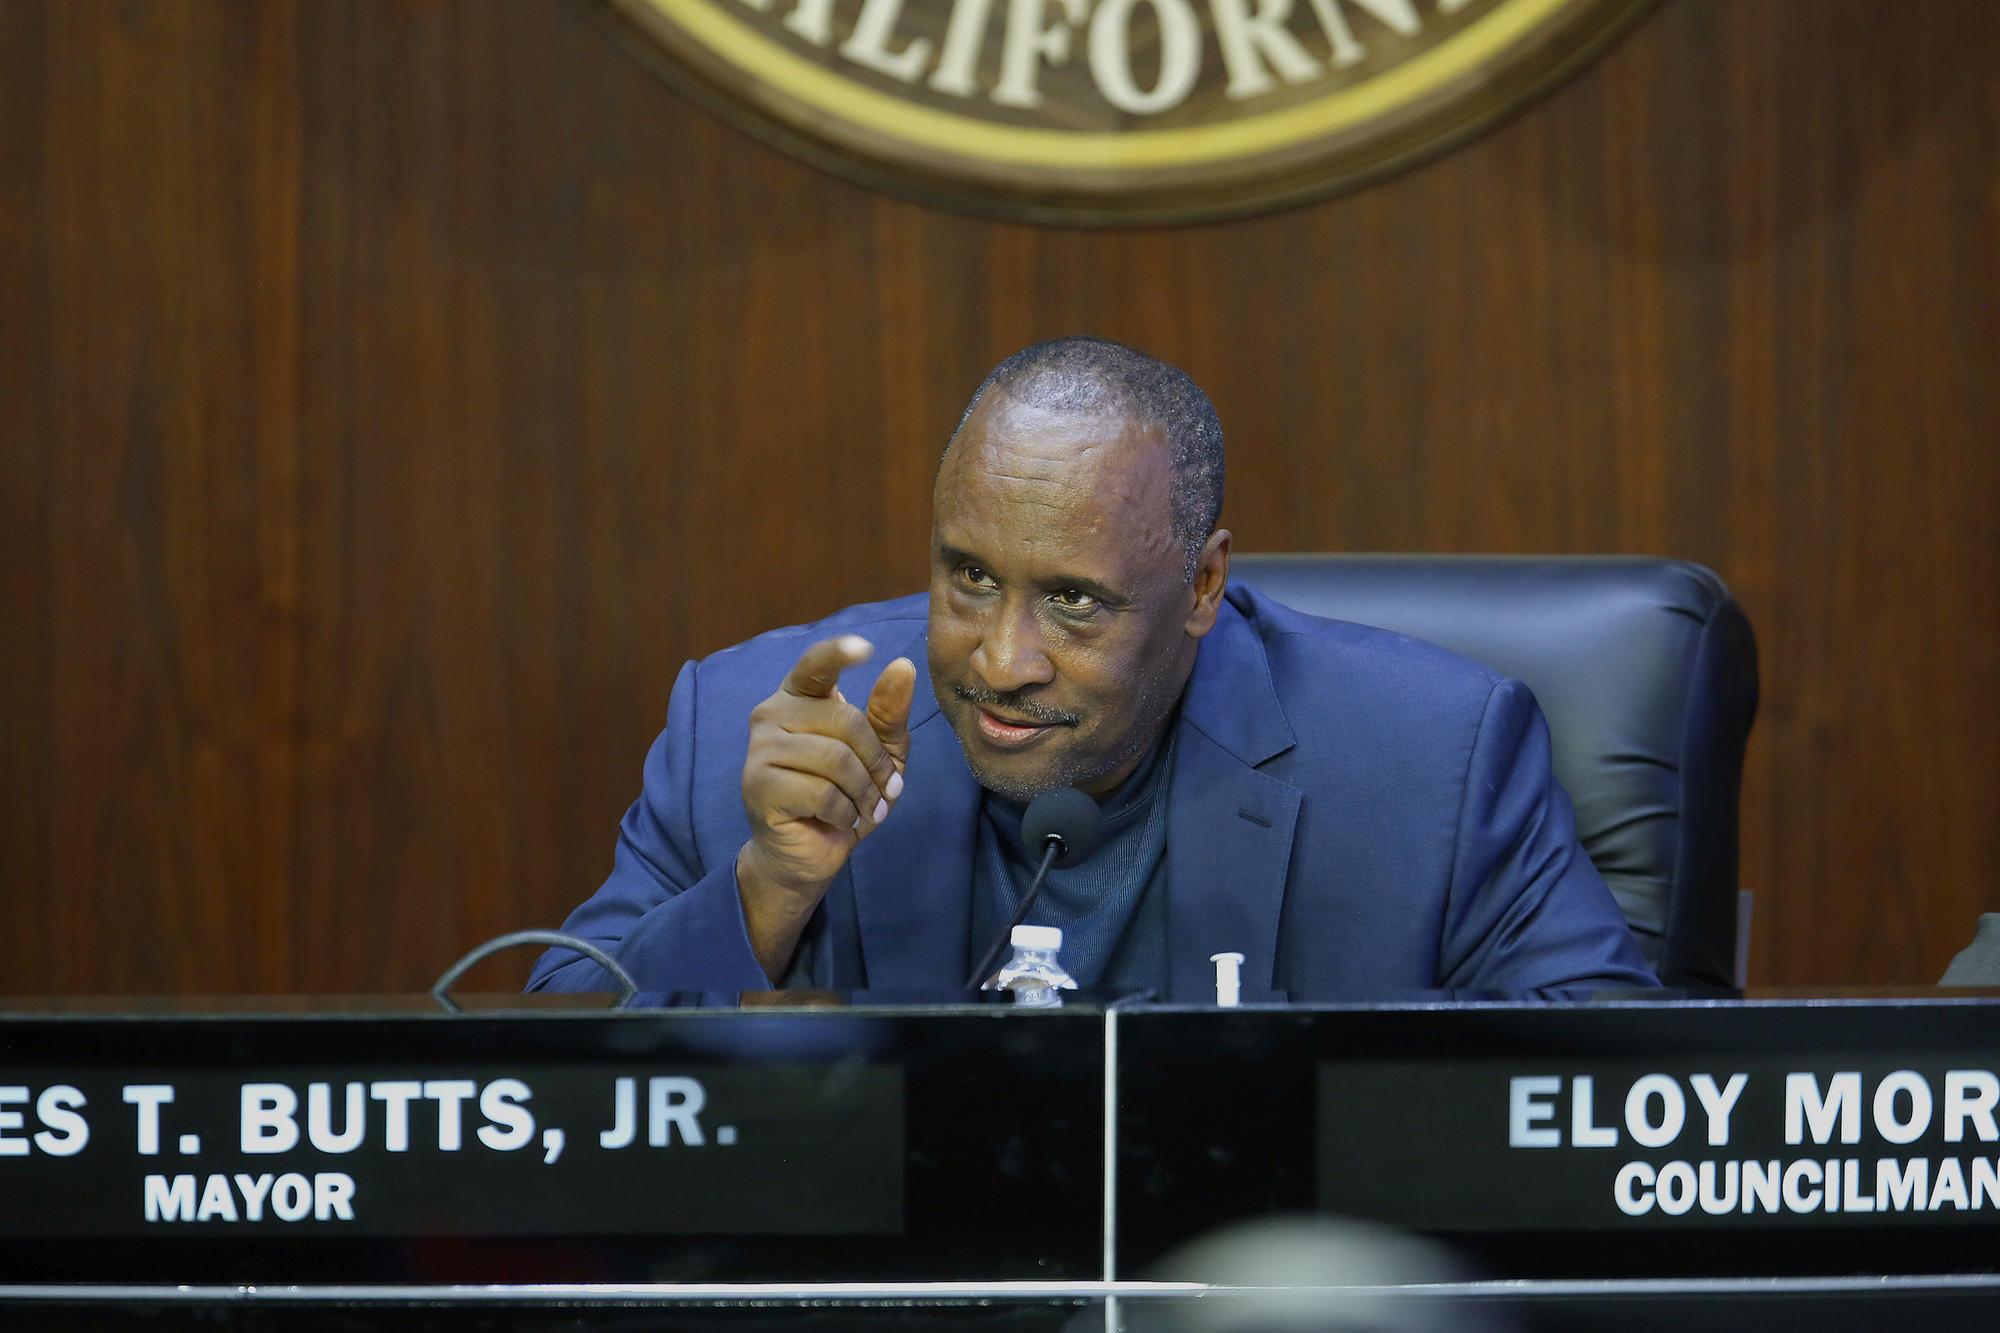 Inglewood Mayor James T. Butts